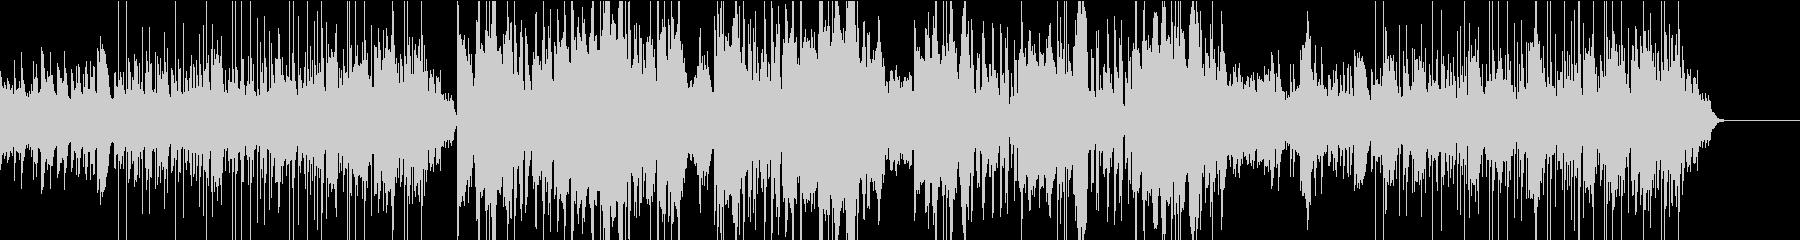 美しいハープのBGMの未再生の波形